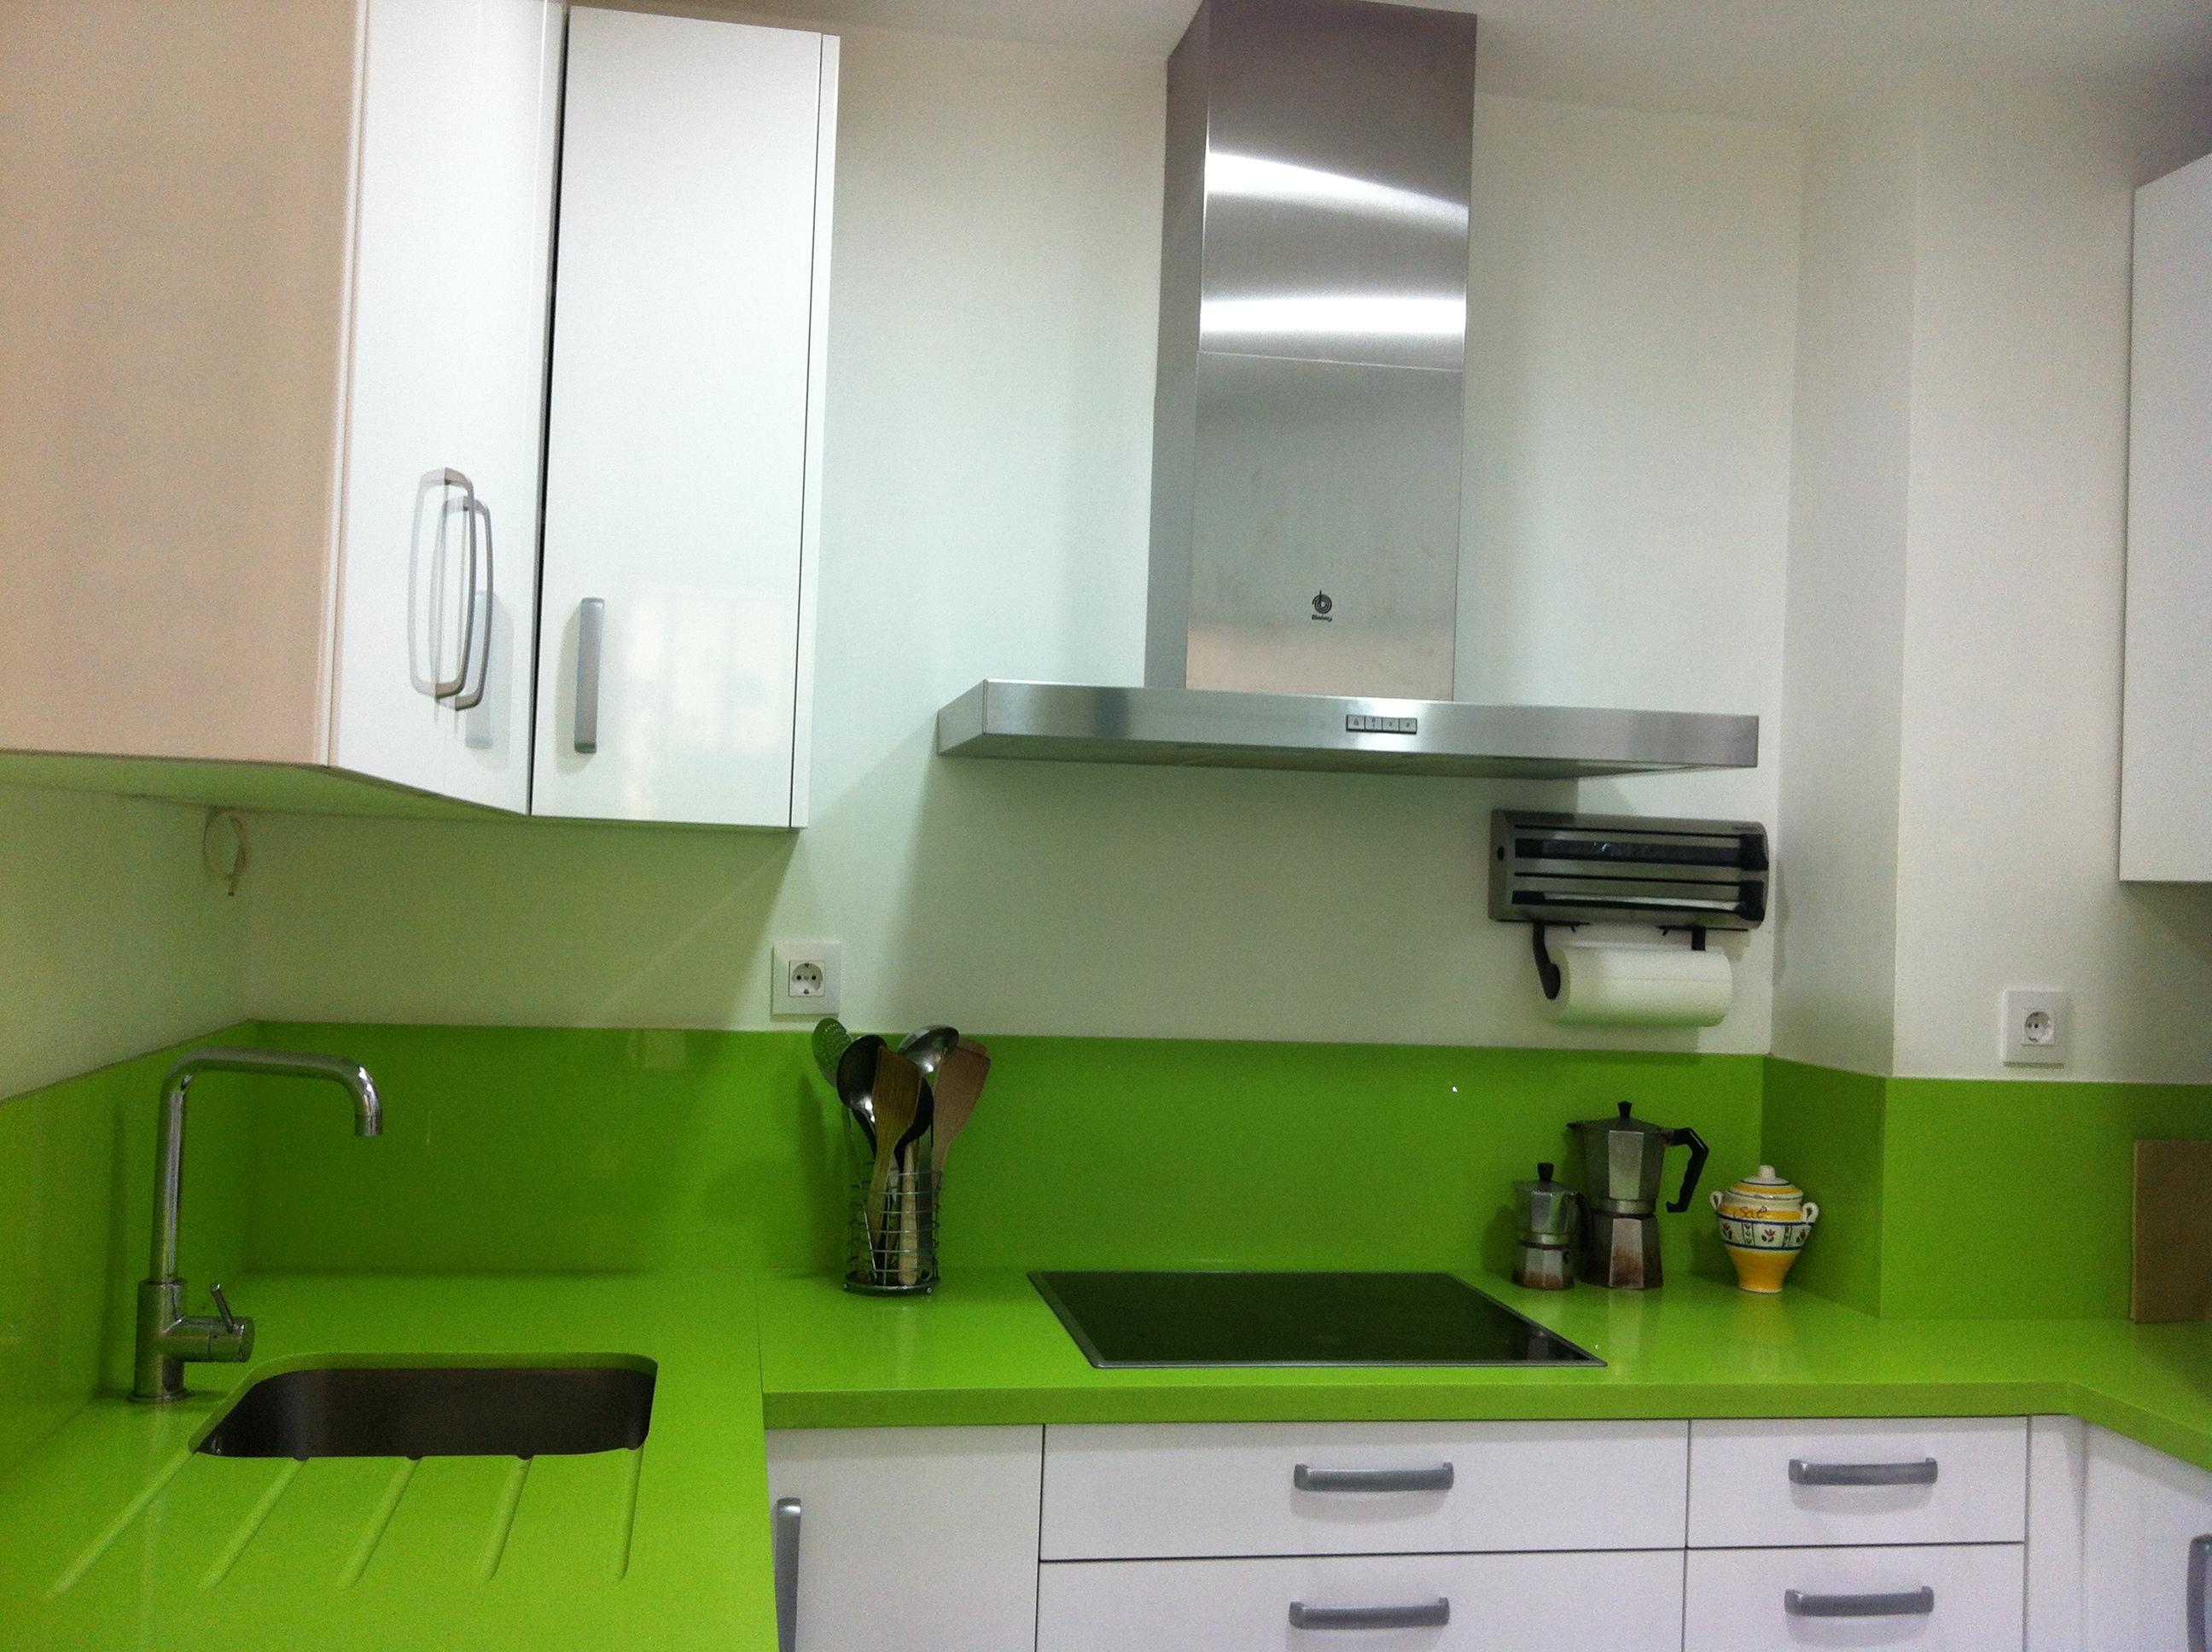 Nuestras cocinas selecci n cocinas tienda de cocinas for Cocinas sevilla